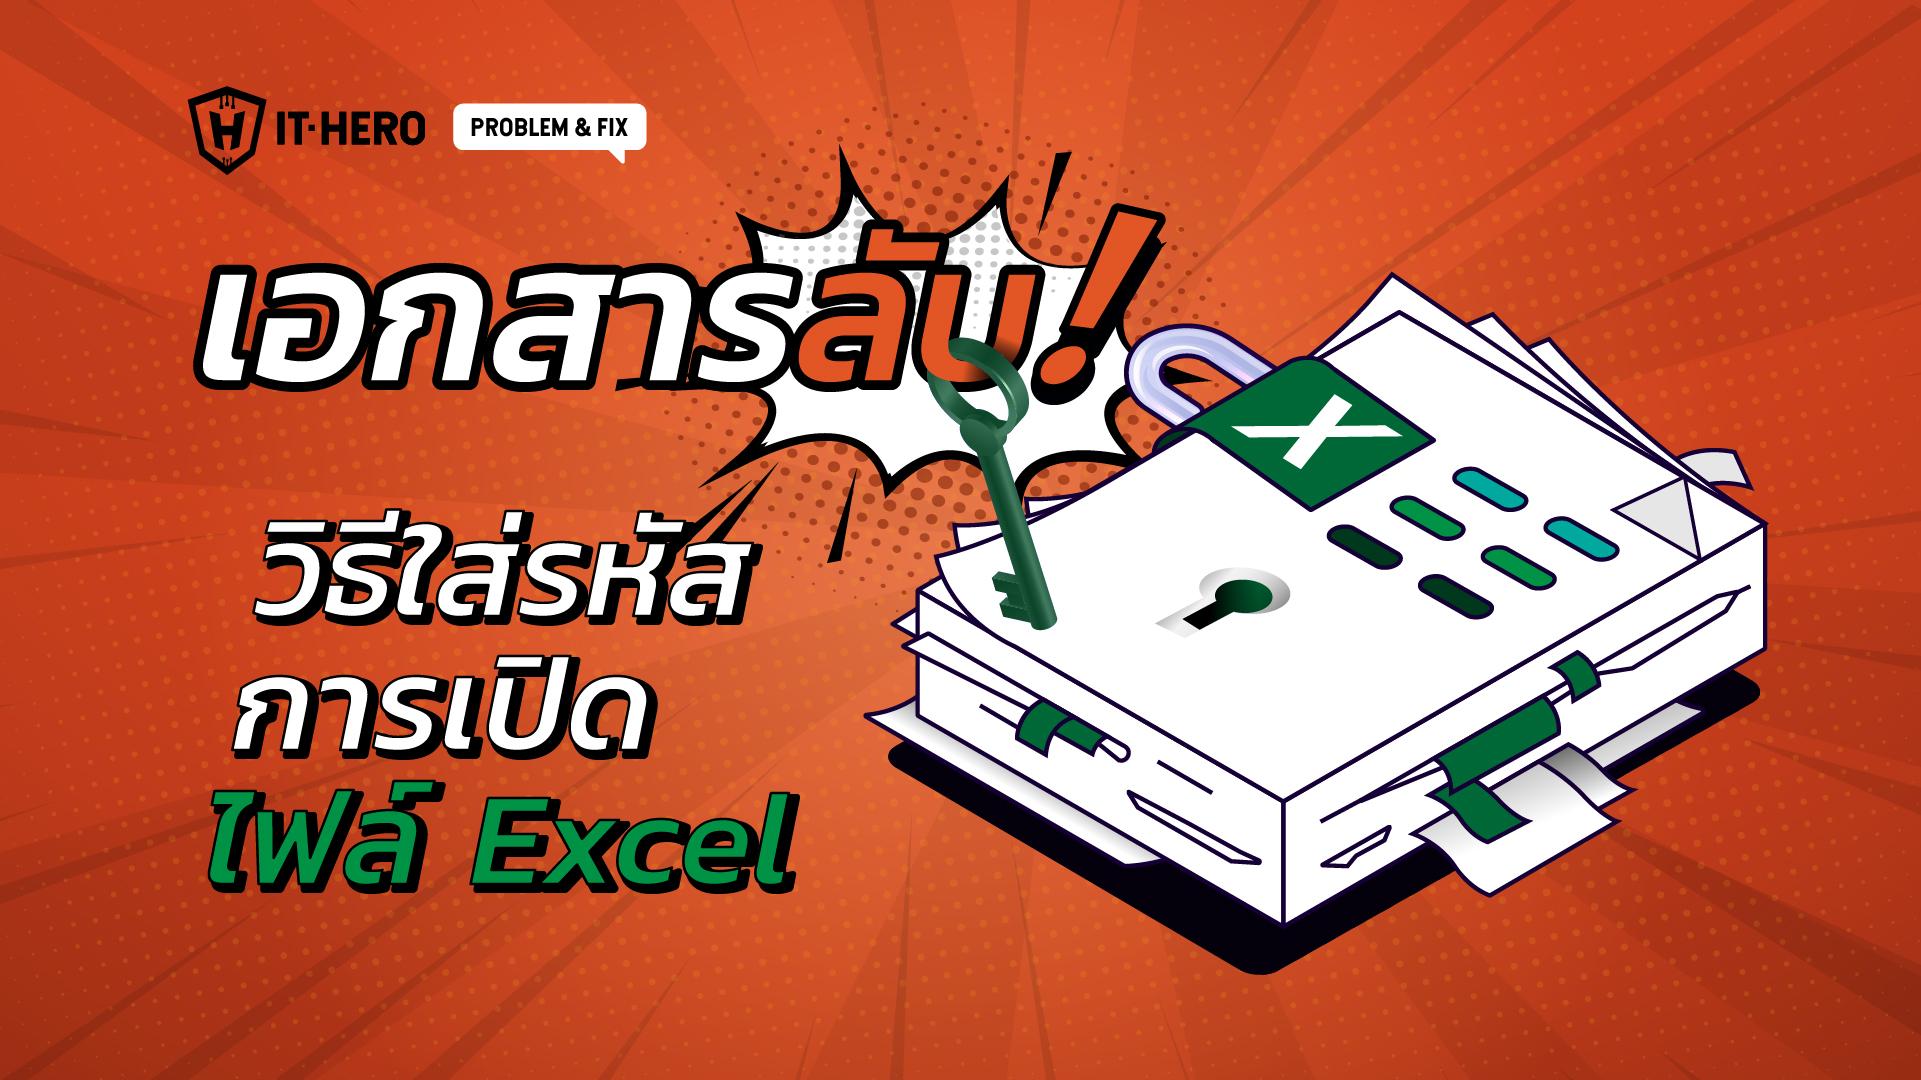 ใส่รหัสการเปิดไฟล์ Excel